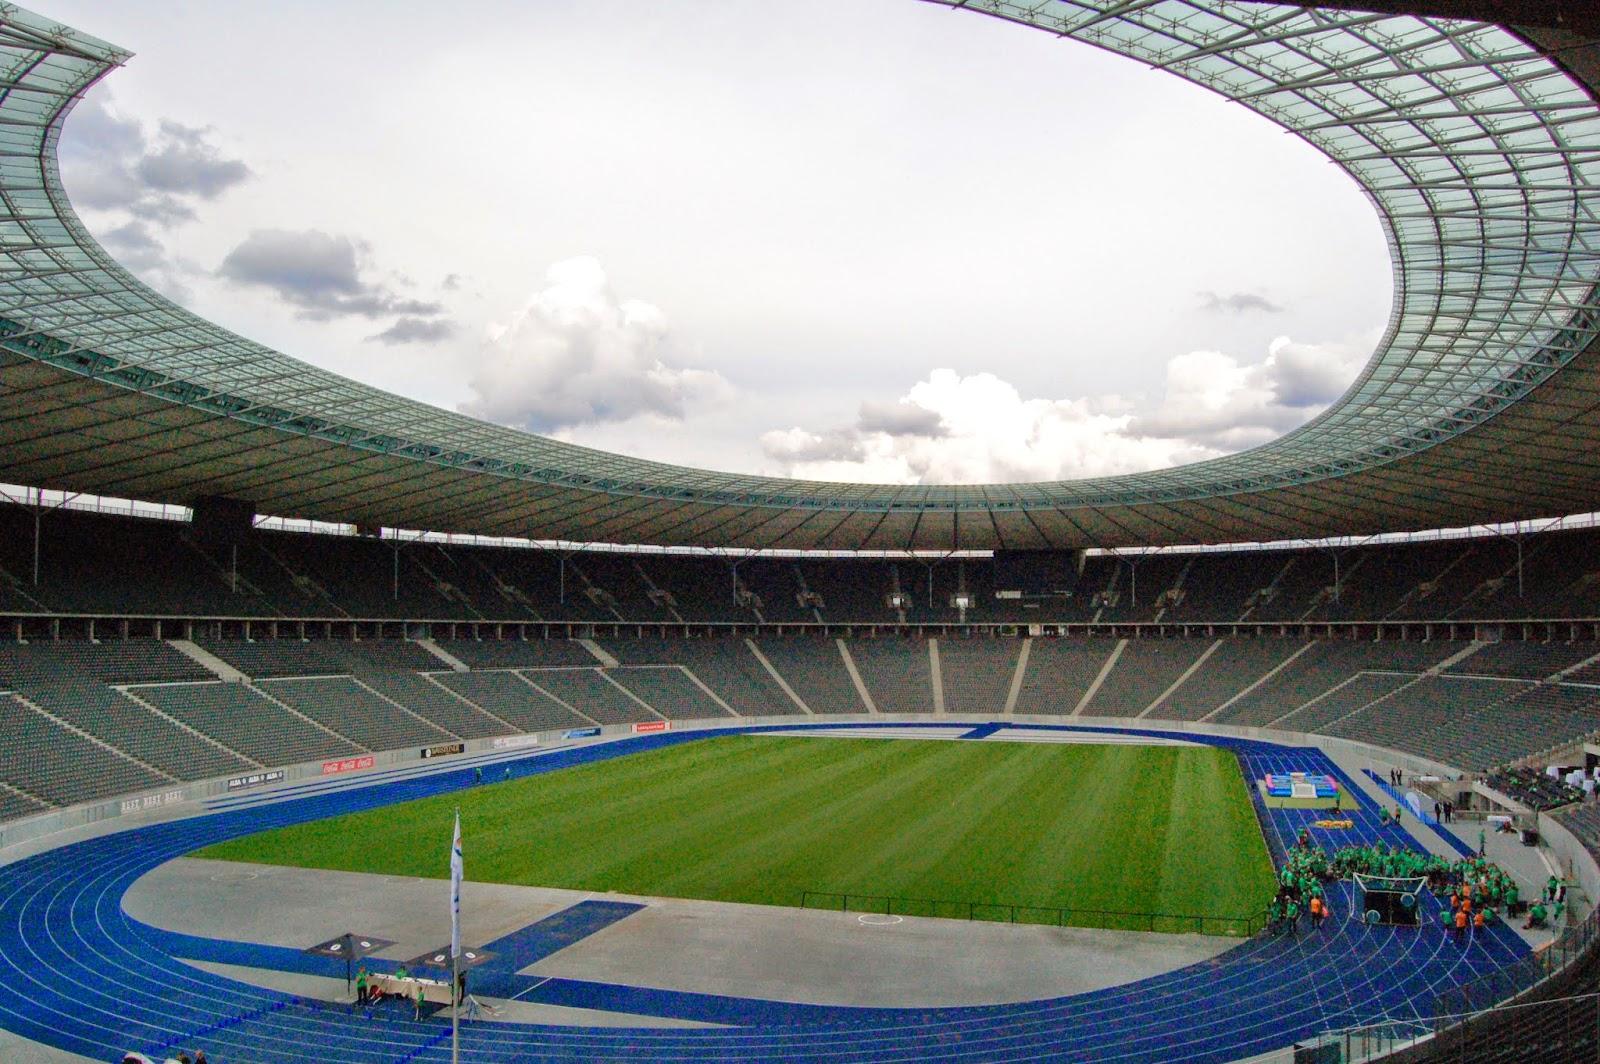 Berliński Stadion Olimpijski, widok wnętrza z trybun